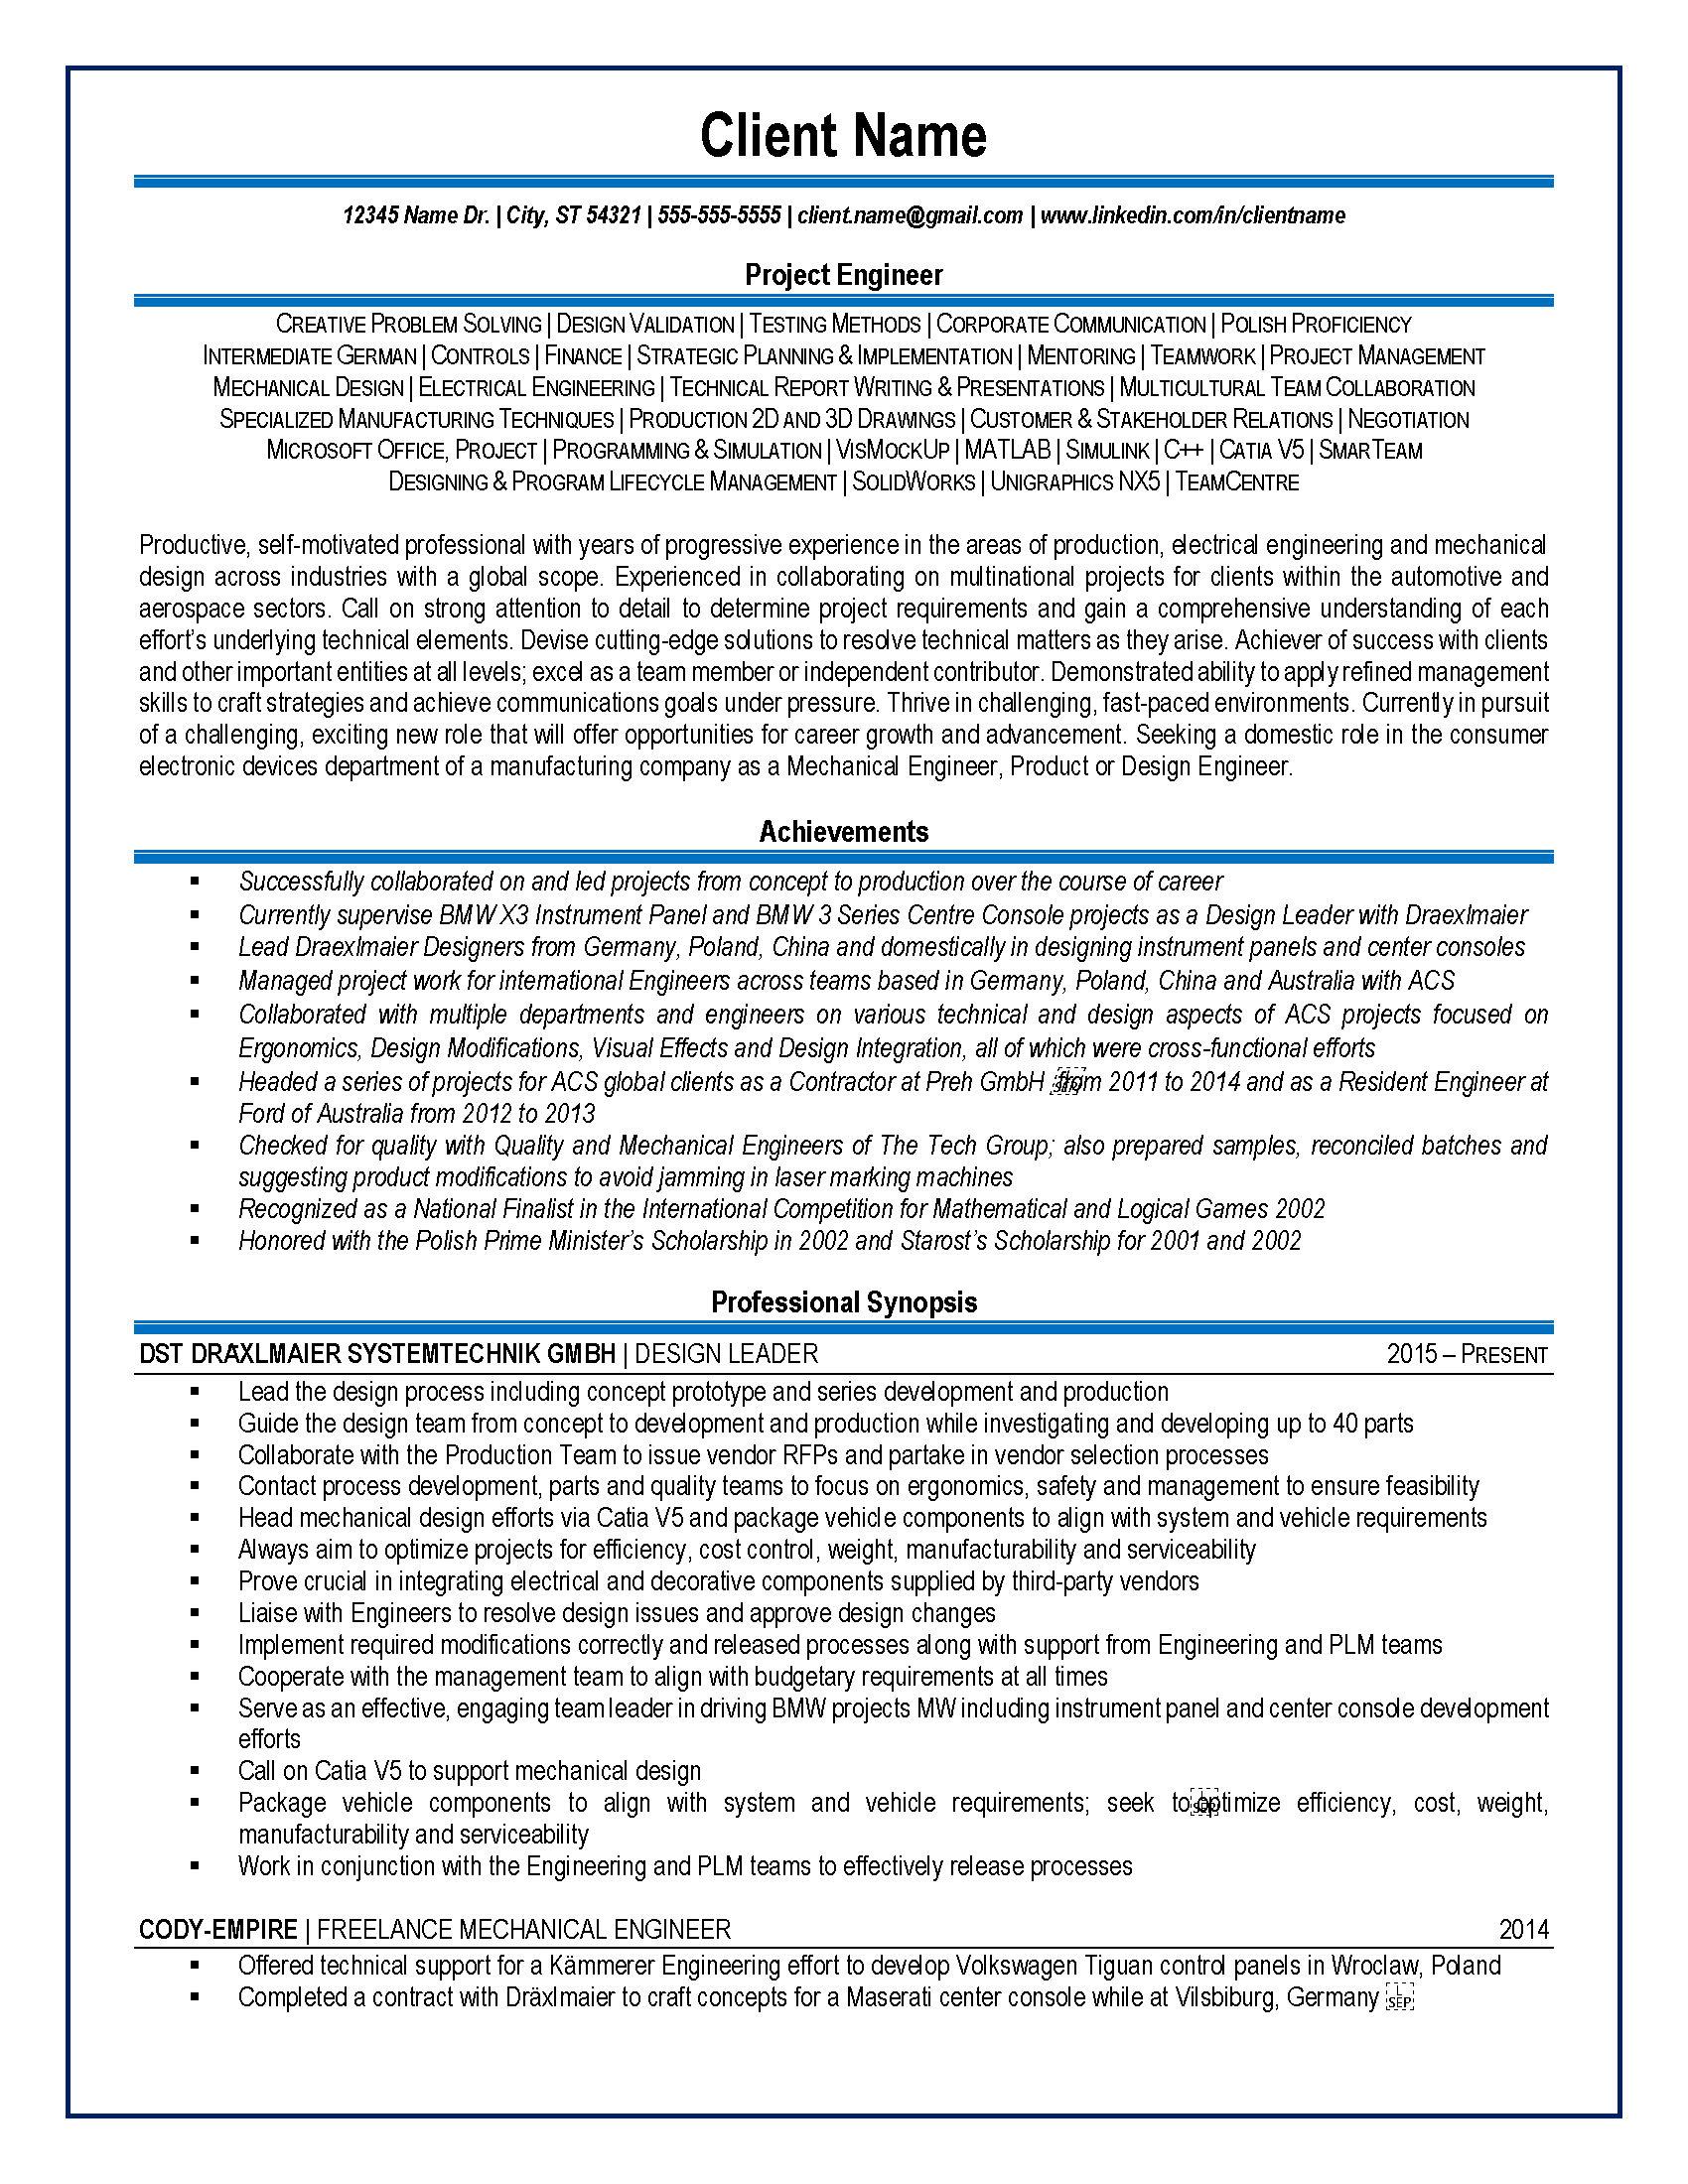 engineer resume samples